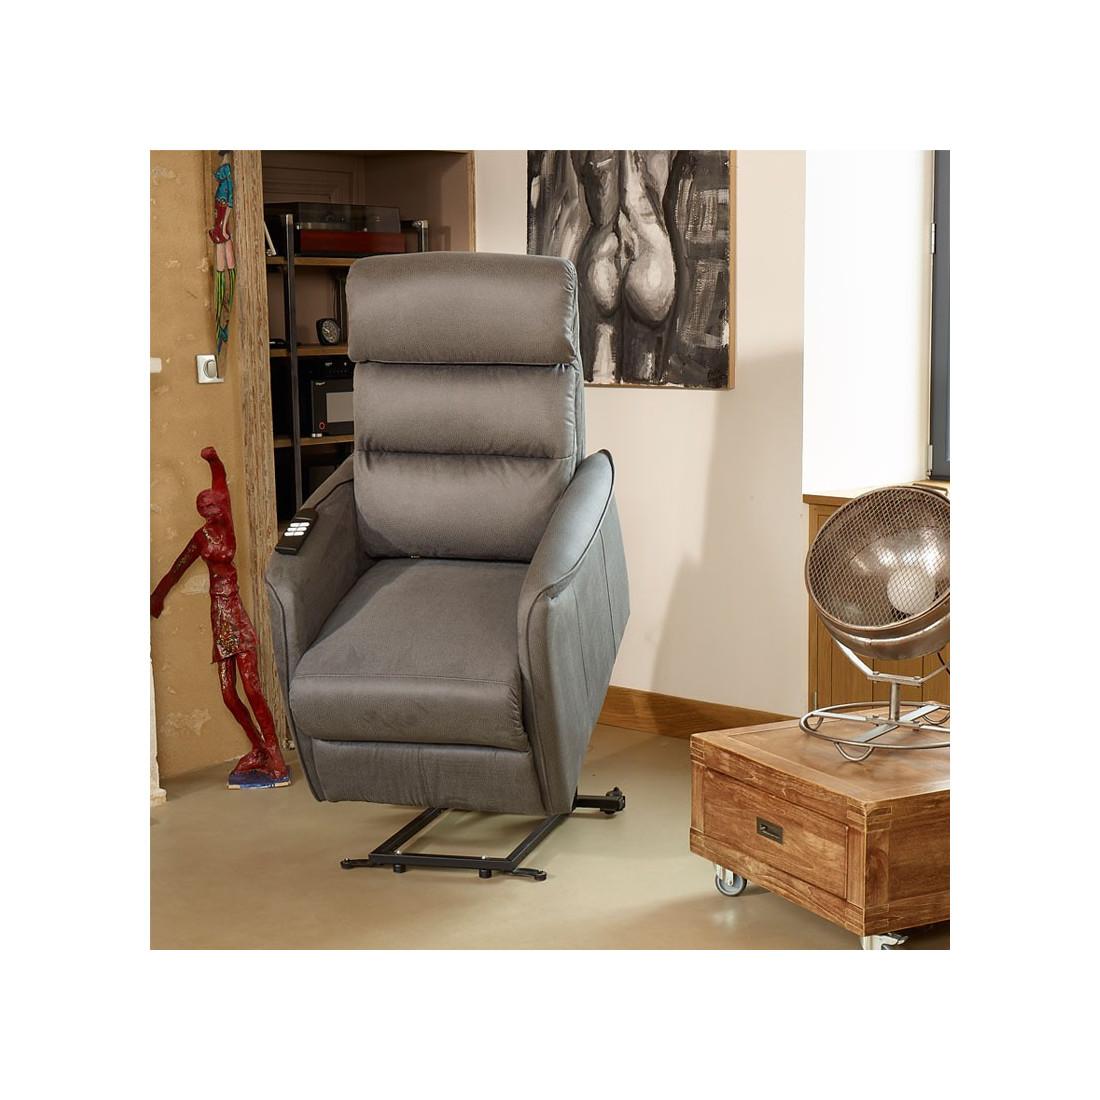 fauteuil de relaxation gris softy univers du salon tousmesmeubles. Black Bedroom Furniture Sets. Home Design Ideas